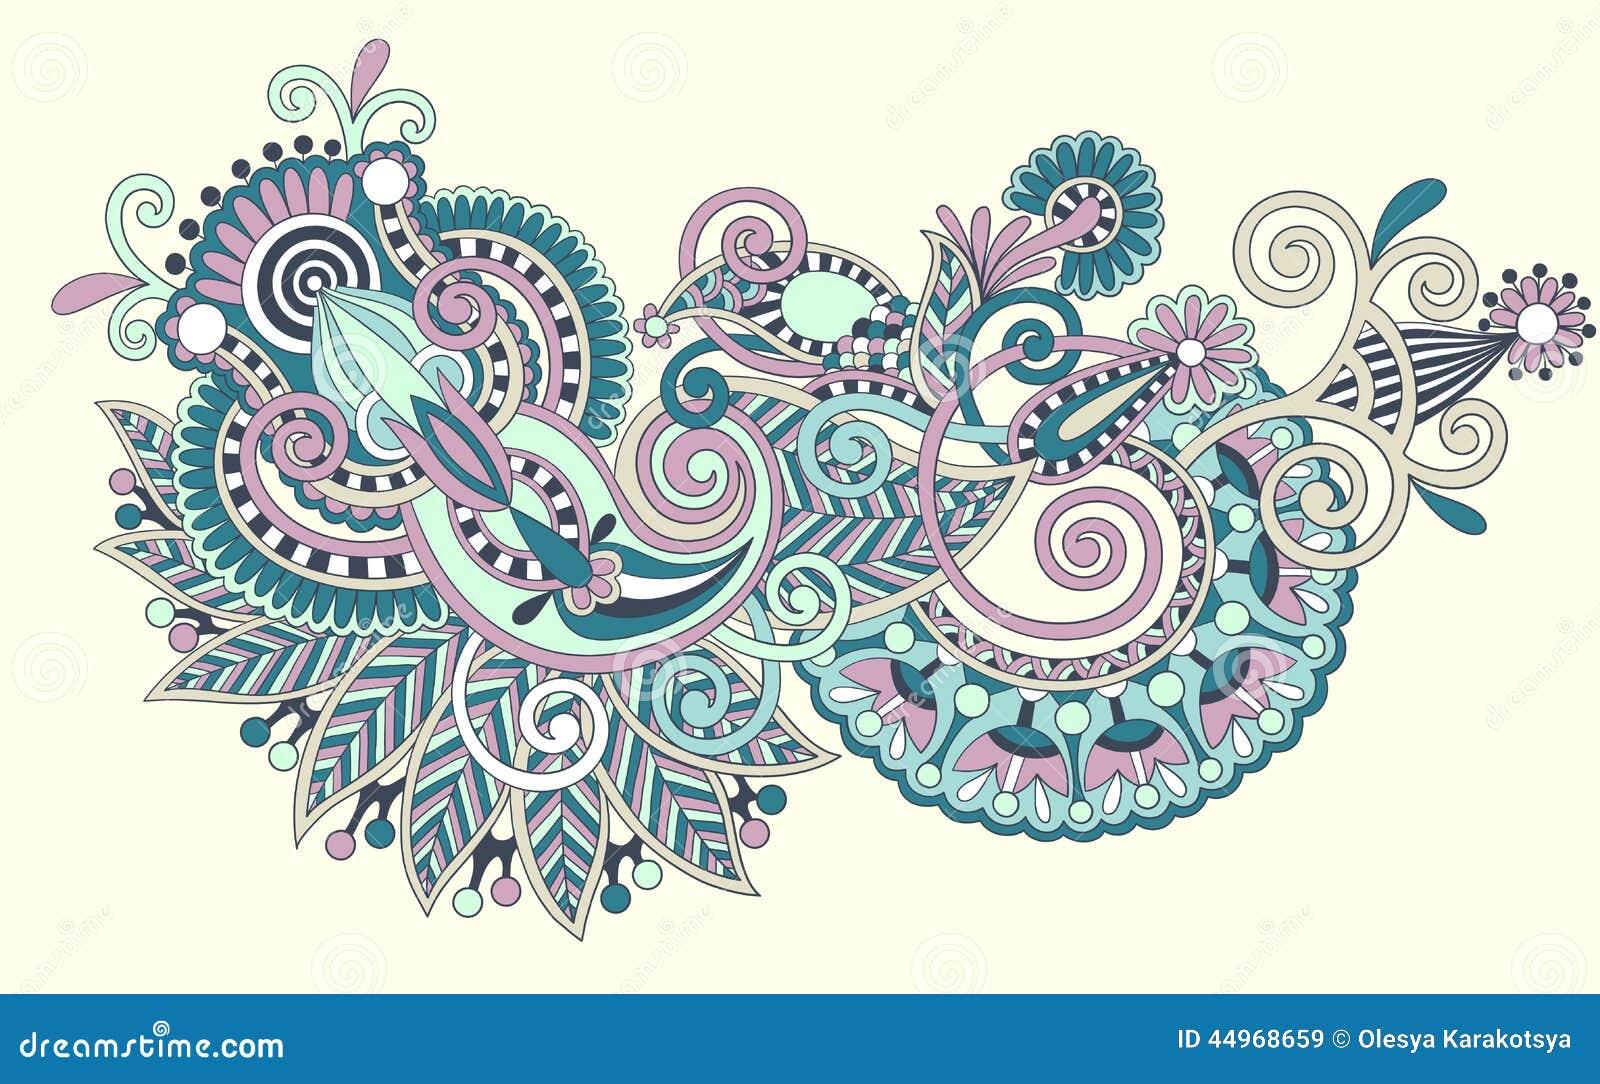 Line Art Ornate Flower Design : Line art ornate flower design stock vector image